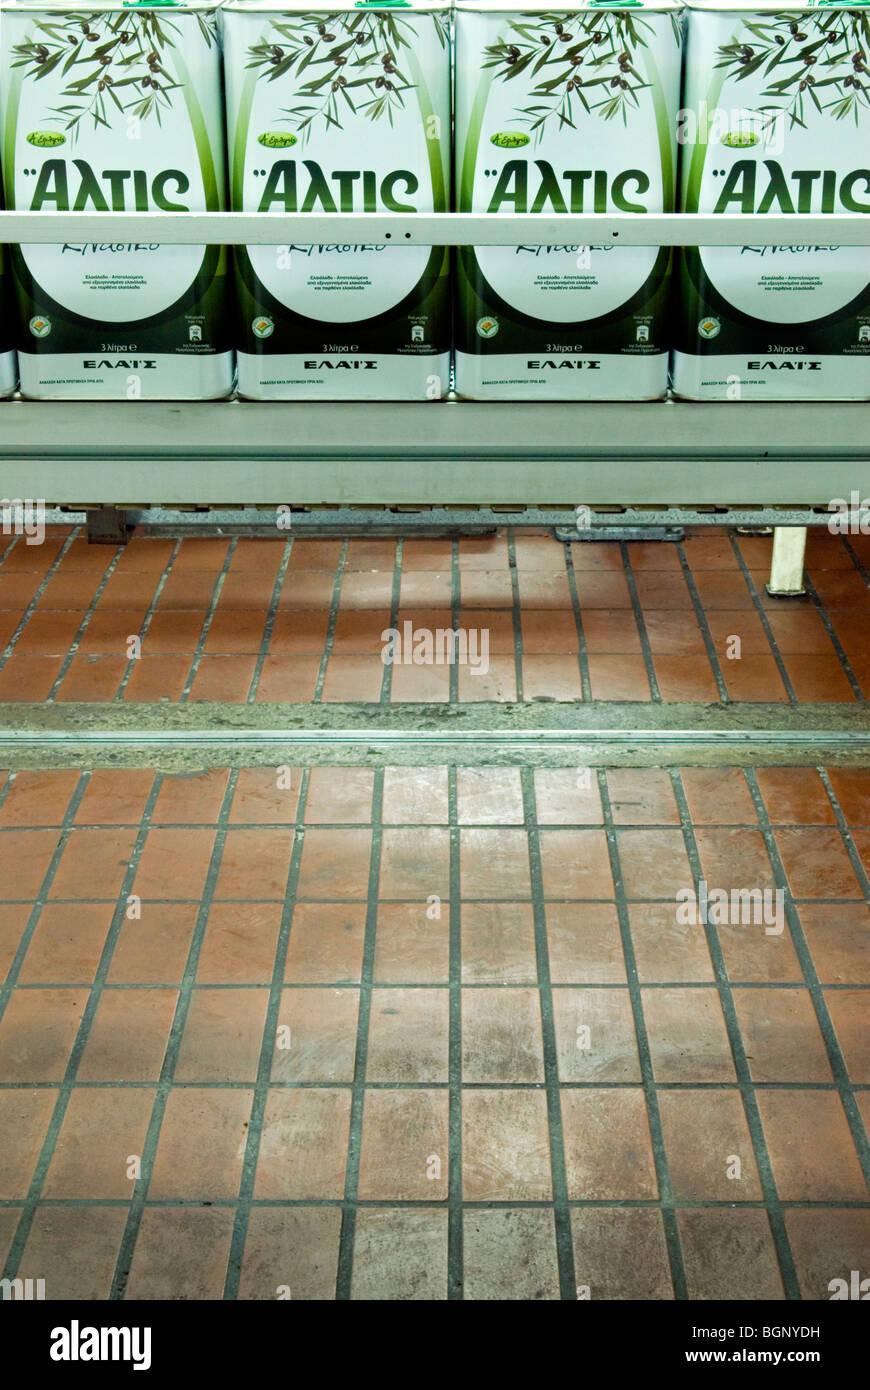 die Produktionslinie Elais Olivenöl Verarbeitungsanlage Stockbild